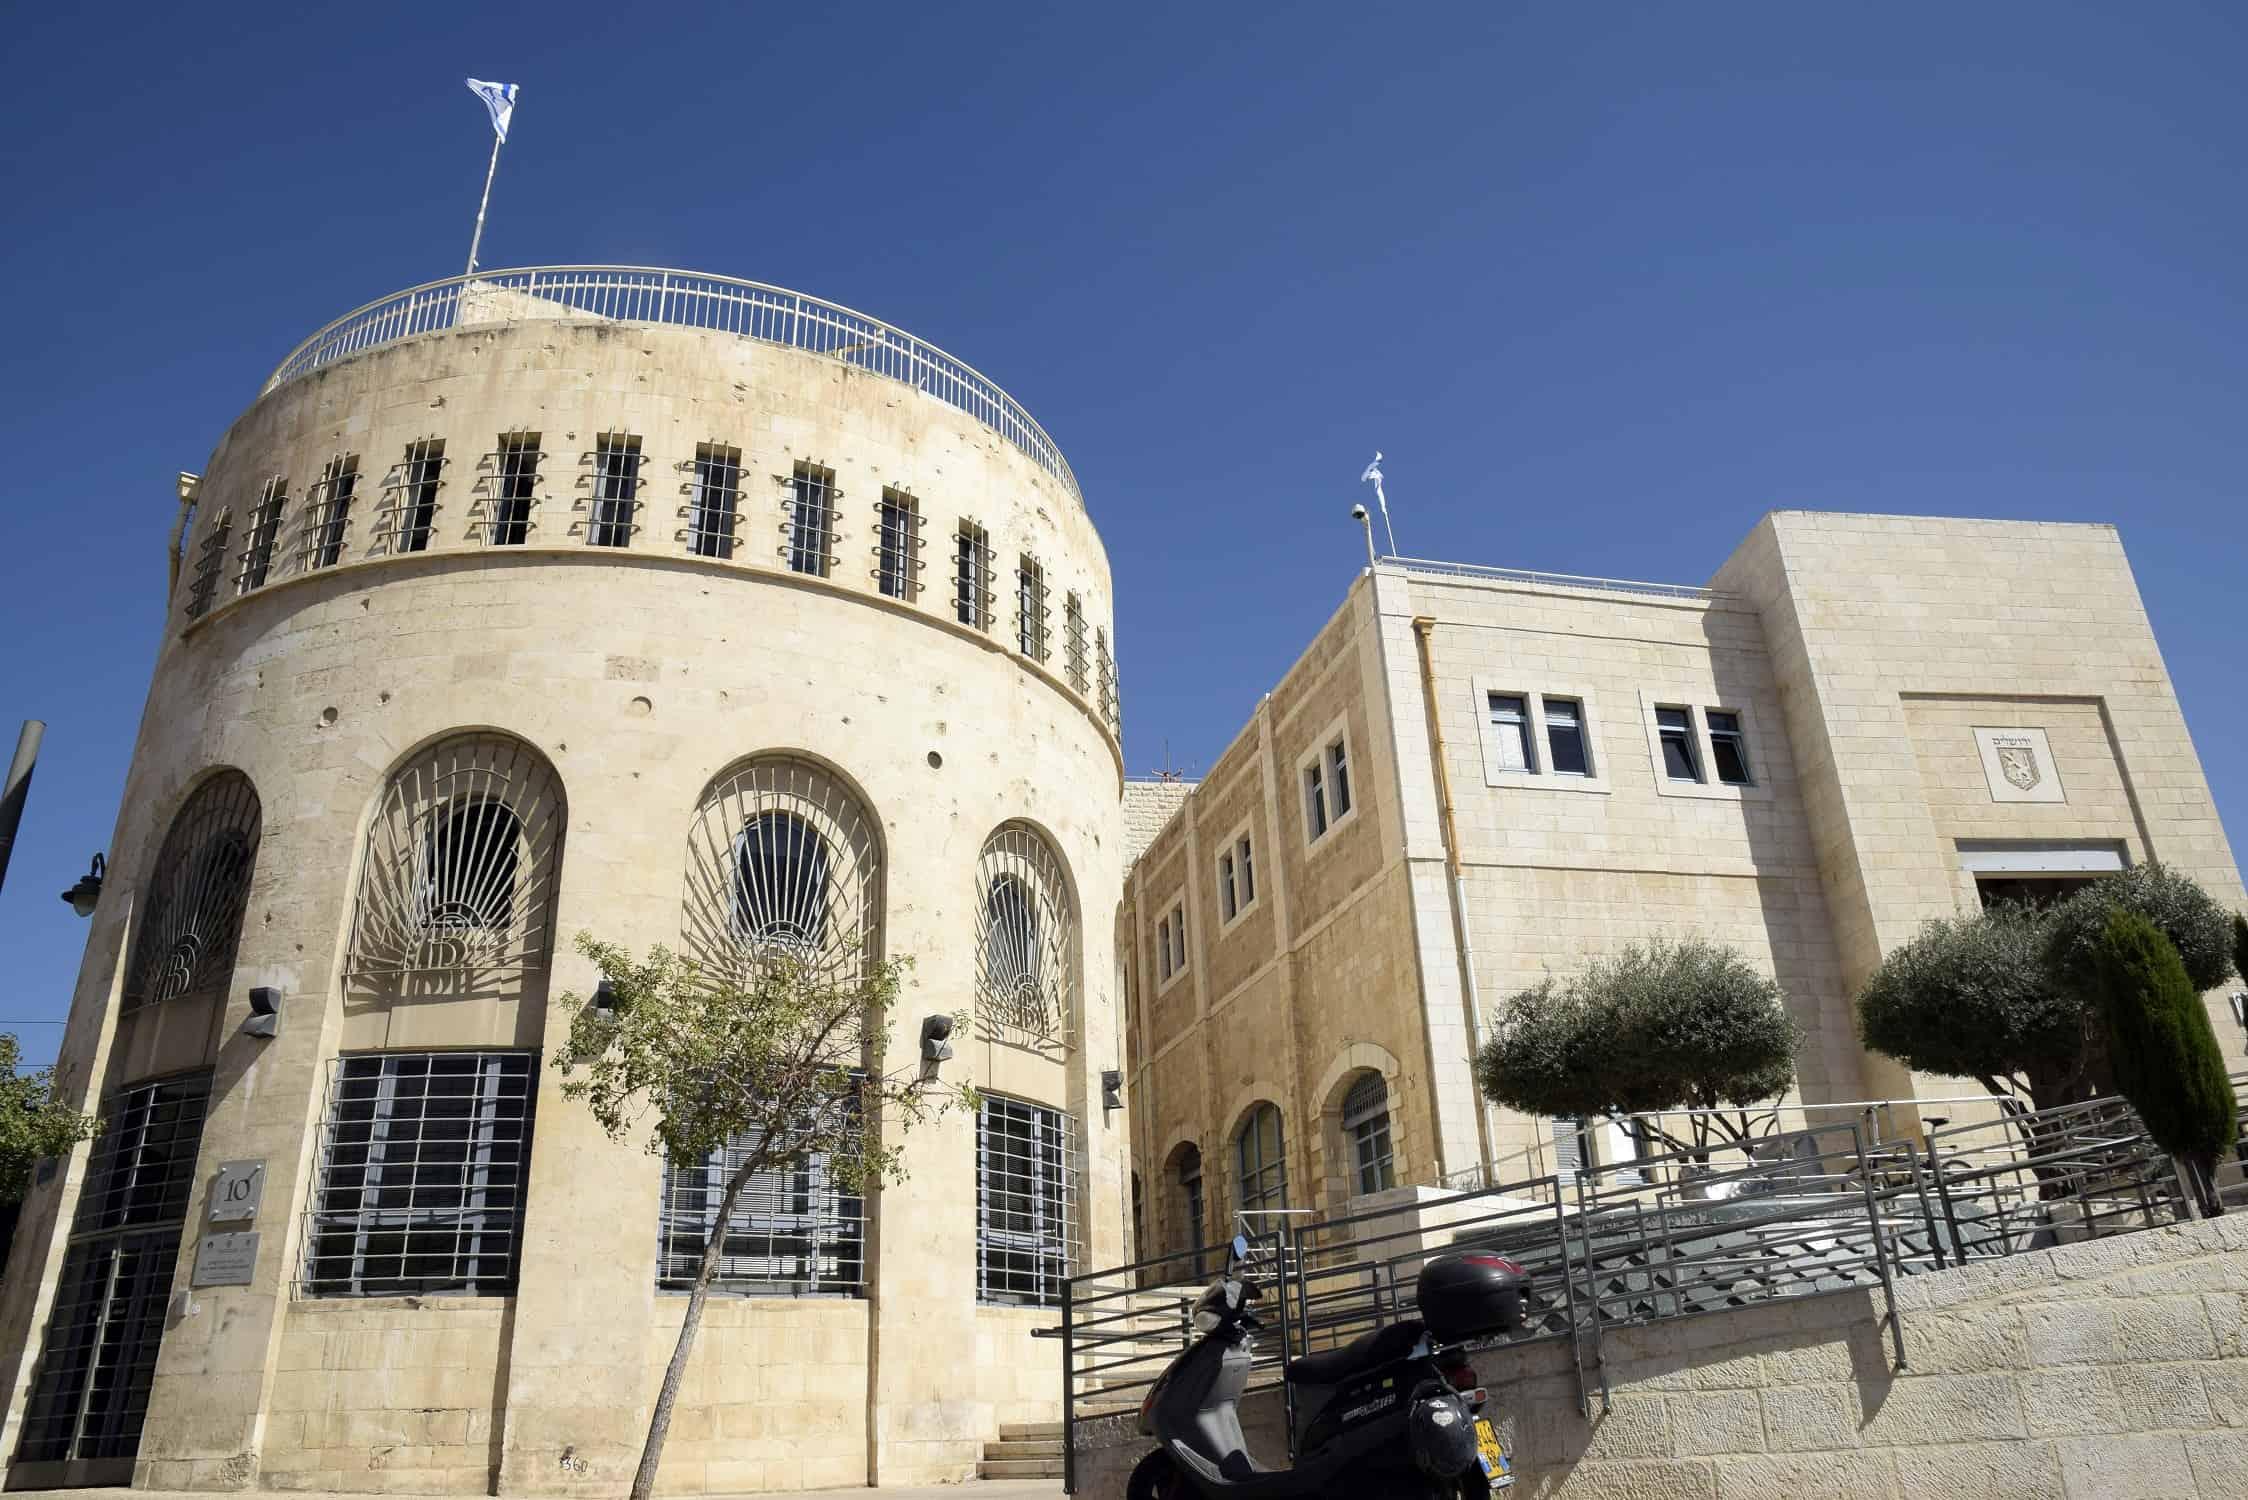 שאנז אליזה של ירושלים, רחוב יפו, צילום ערן גל אור